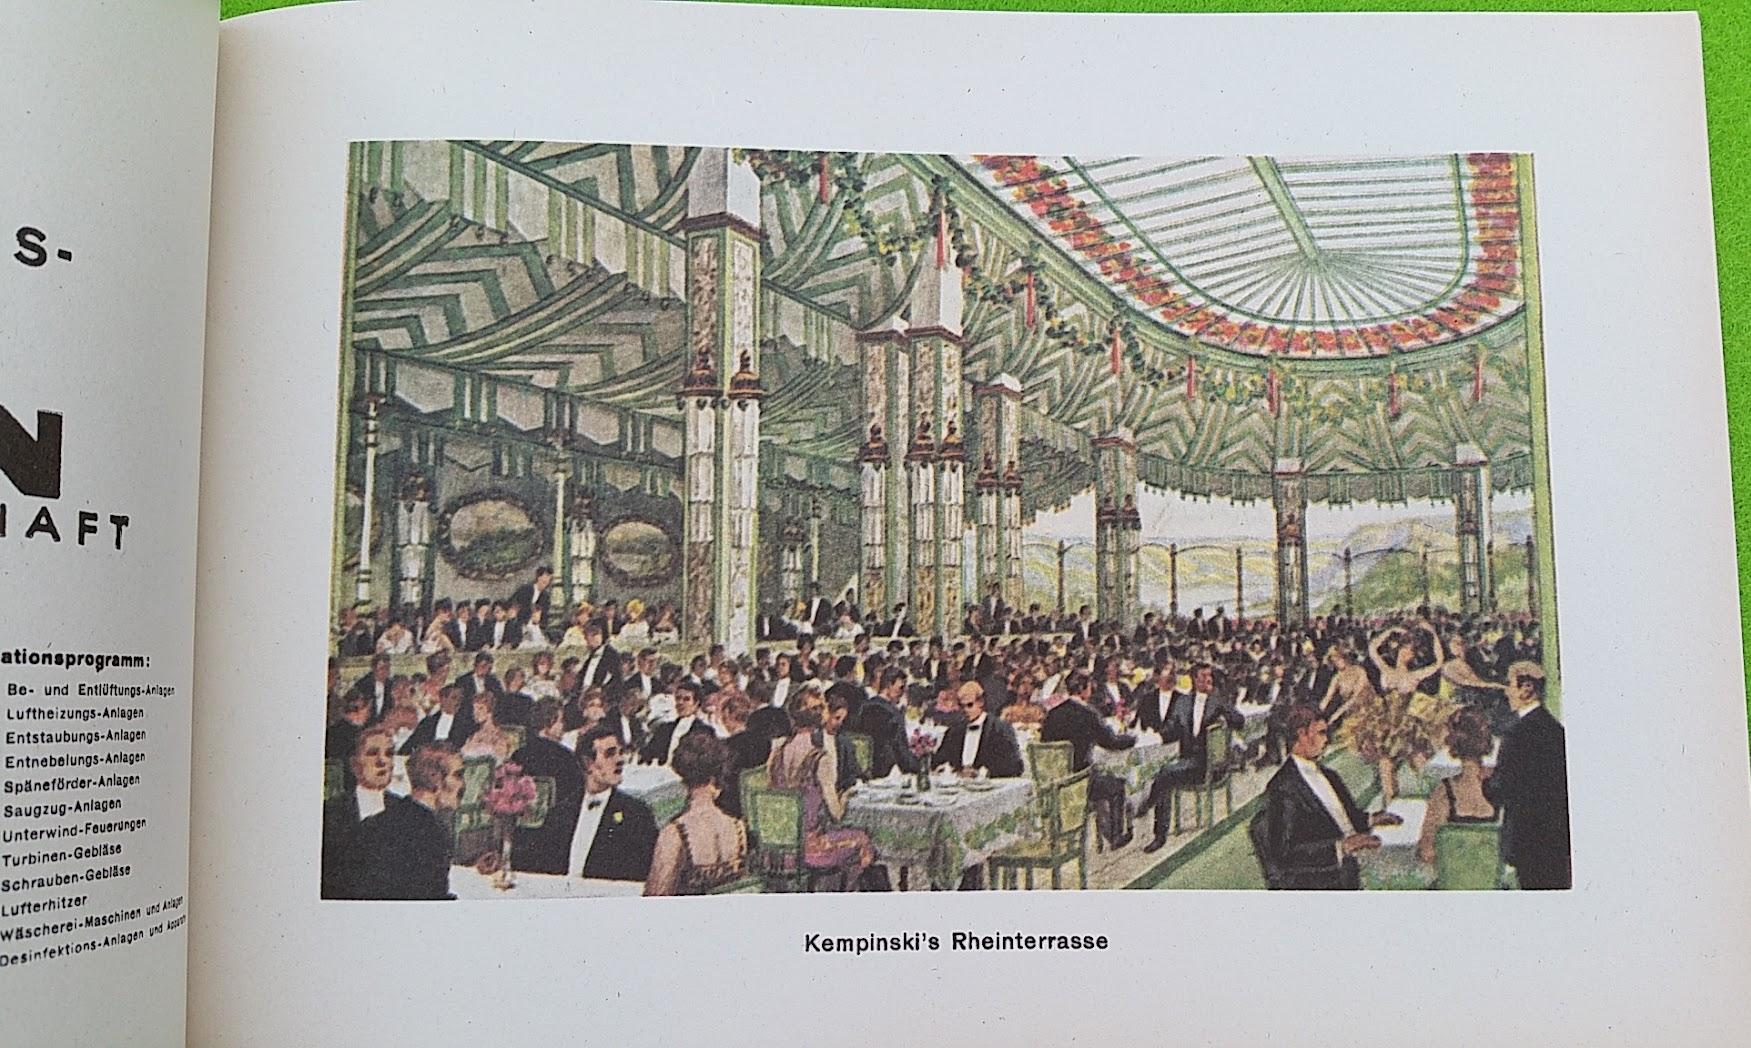 Begleitheft zur Eröffnung von Haus Vaterland am Potsdamer Platz, Berlin, 31. August 1928 - Kempinski's Rheinterrasse